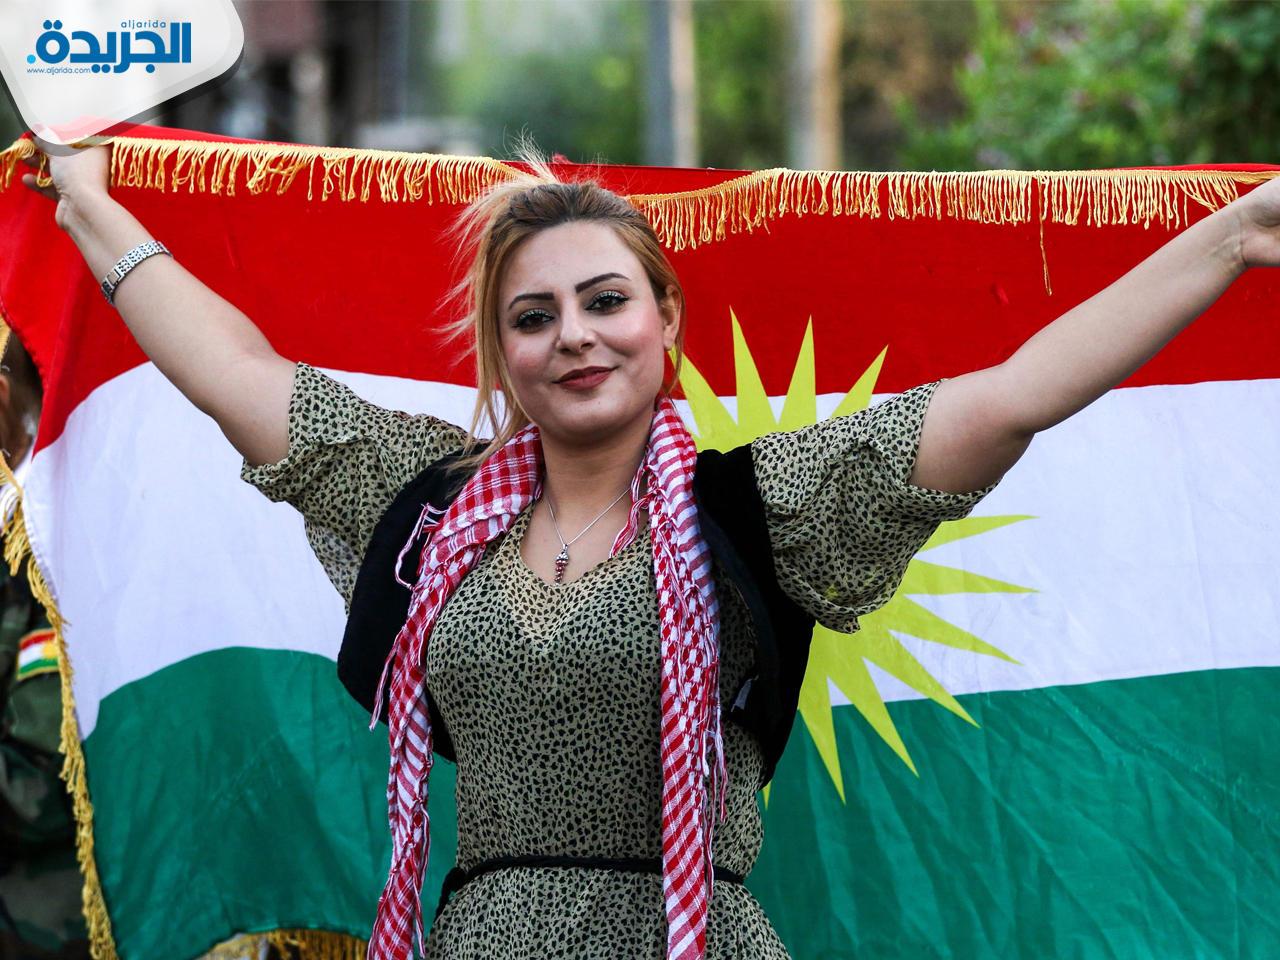 بالصور بنات كردستان , اجمل بنت من كردستان 1669 8